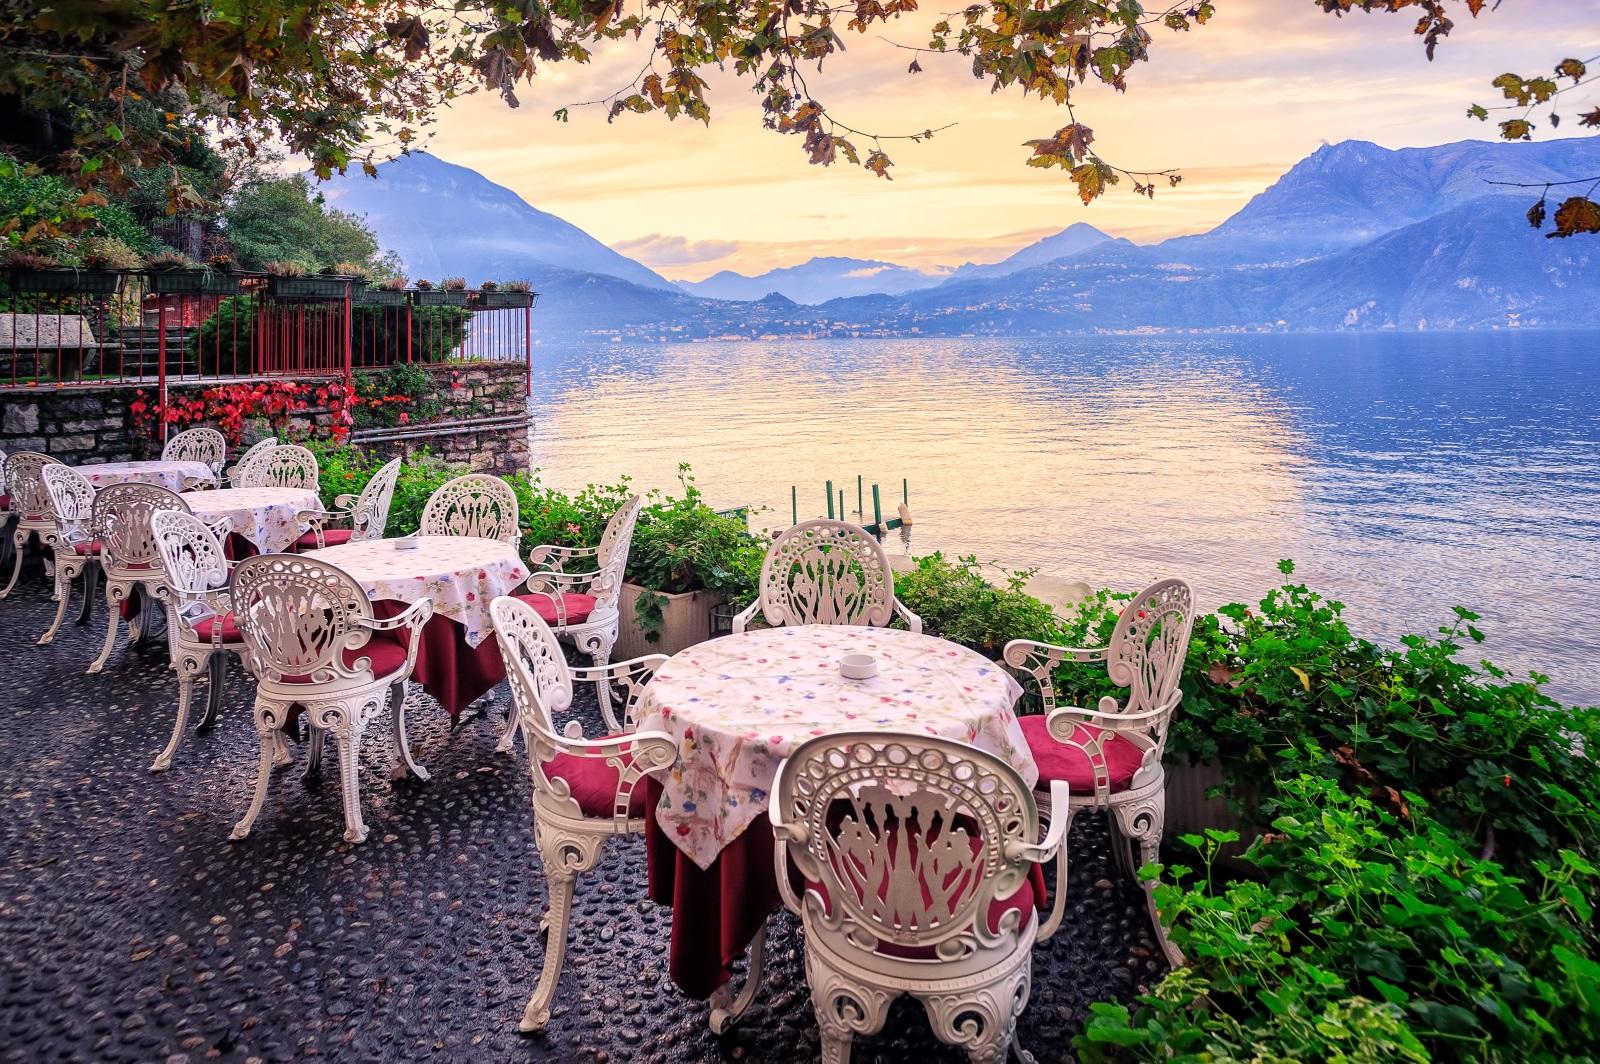 От началото на XIX в. езерото за кратко време придобива славата на средище на така наречената вилна култура (ит. civiltà di villa), което води до строителен бум и възход на елитния туризъм, включително и в наши дни. Така Комо става едва ли не задължителна точка в италианската програмата на много политици и богаташи.